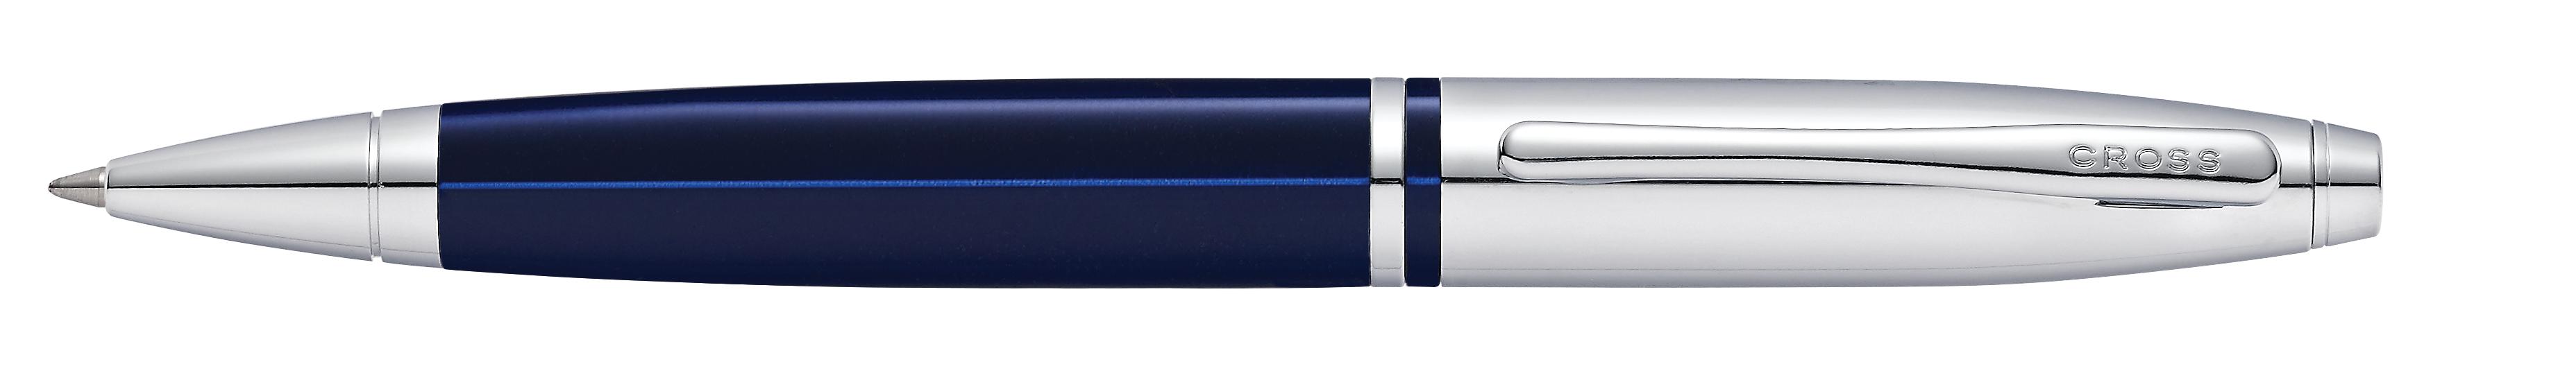 Calais Chrome Blue Ballpoint Pen - self-server packaging